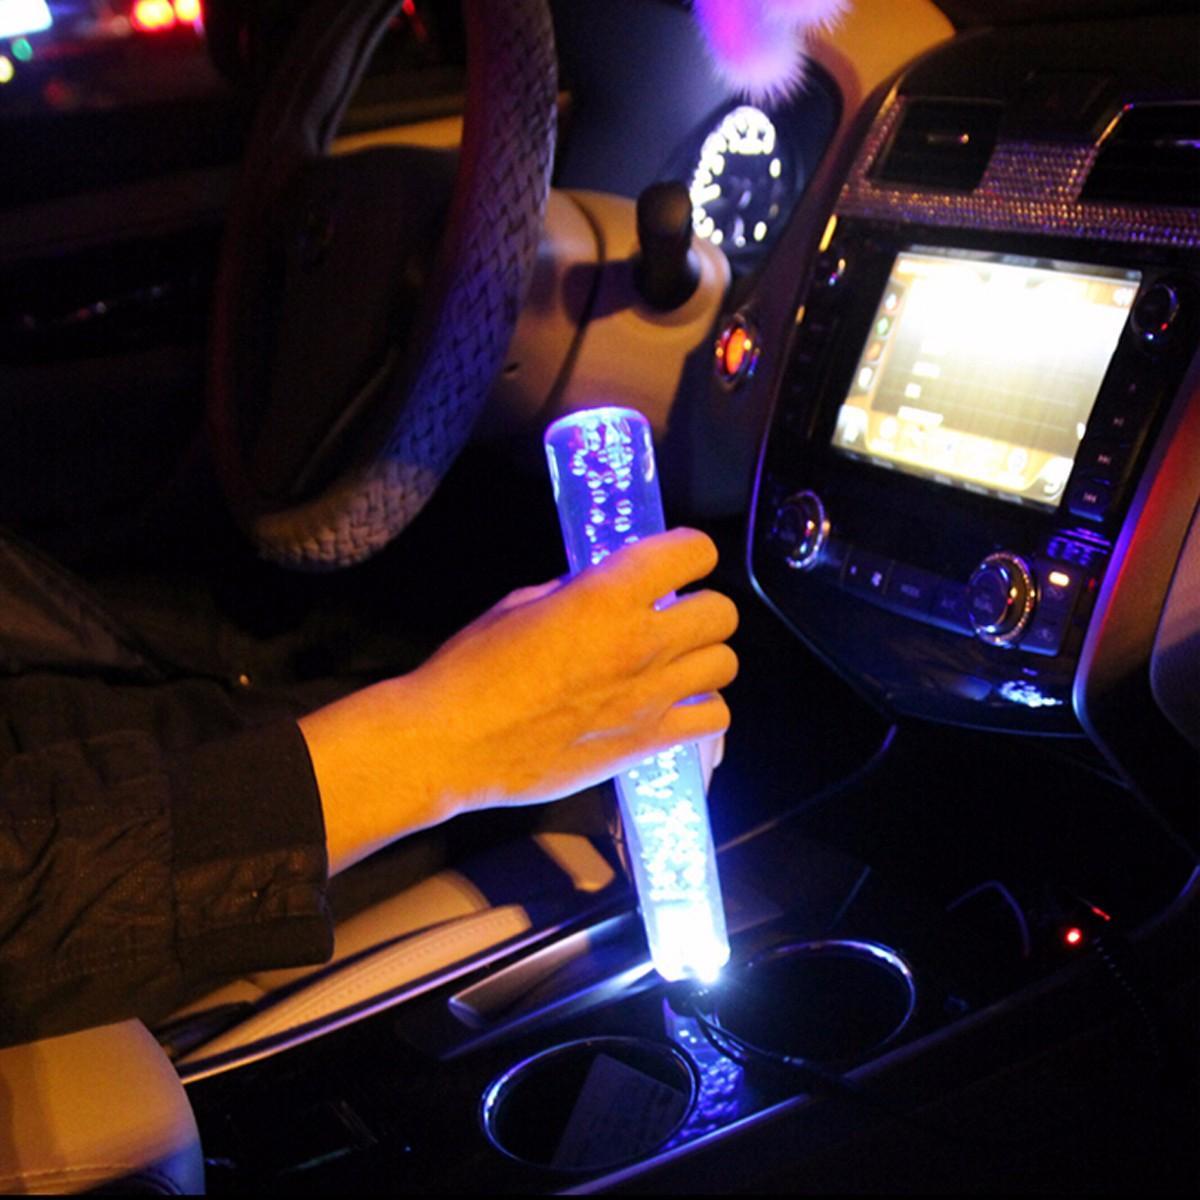 Burbuja de cristal con perilla de cambio de marcha universal de 250 mm y 12V con luz de respiración azul LED